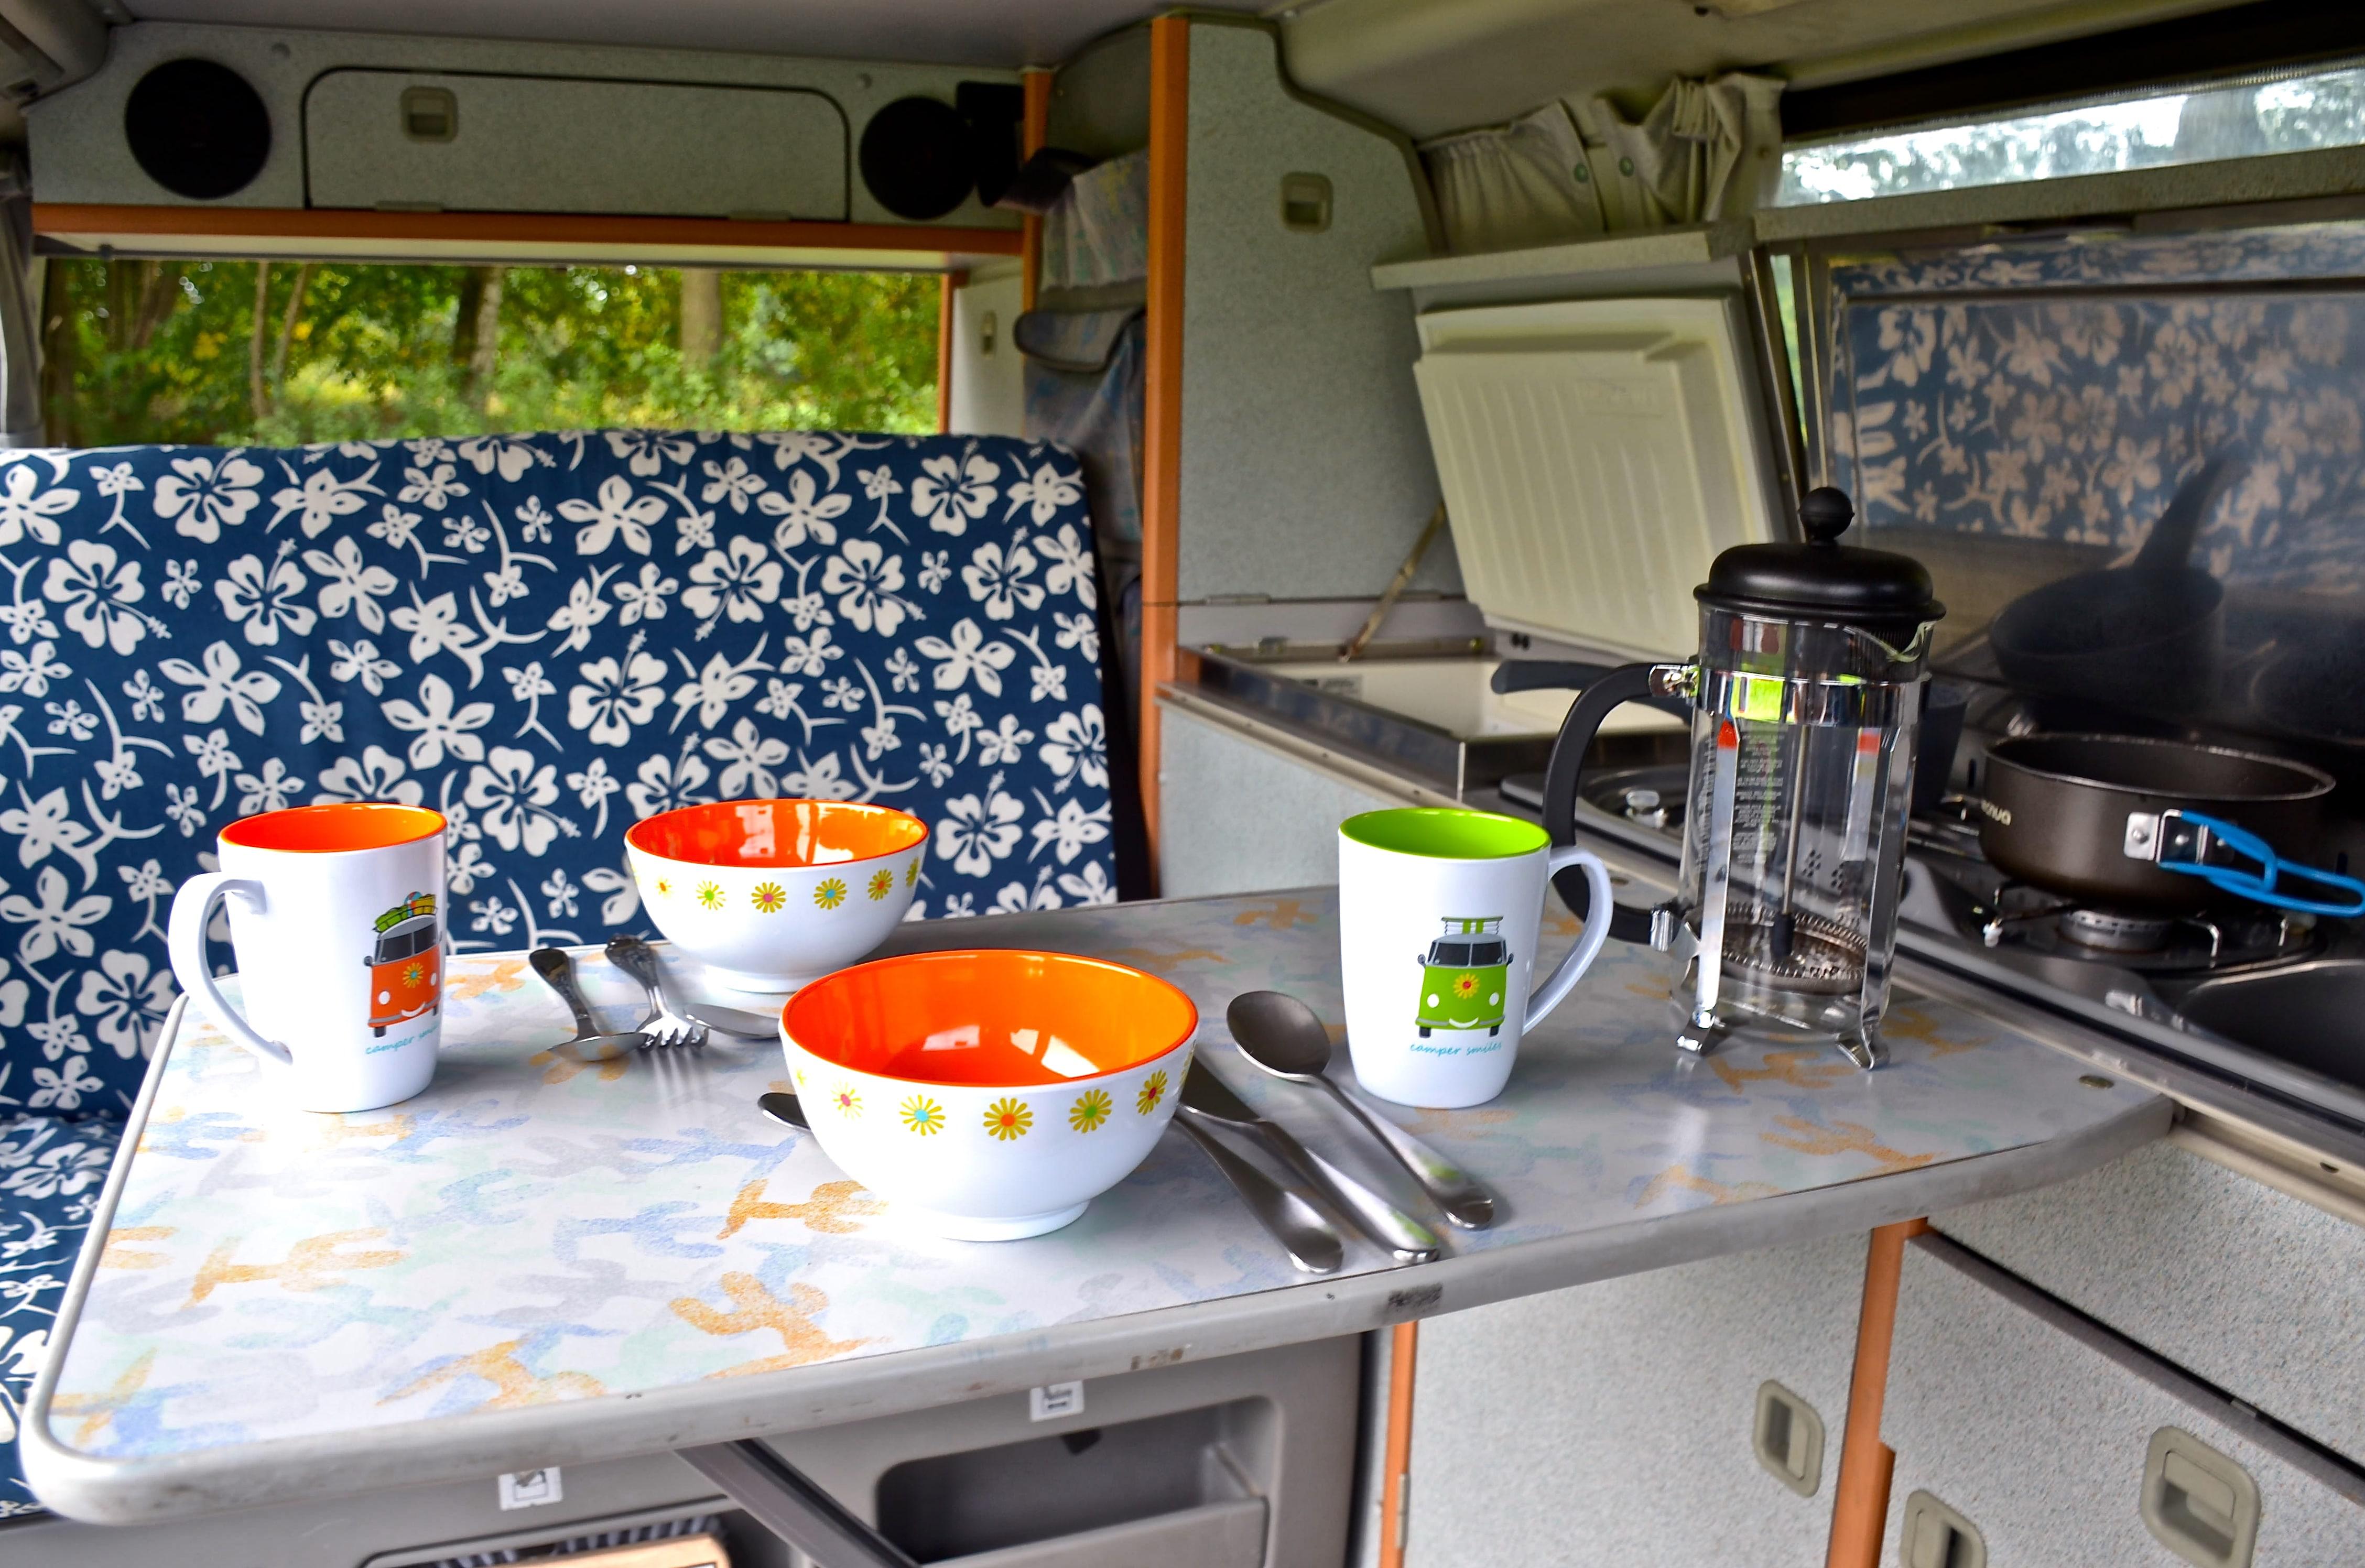 T4 von Innen mit Kocher und Tisch